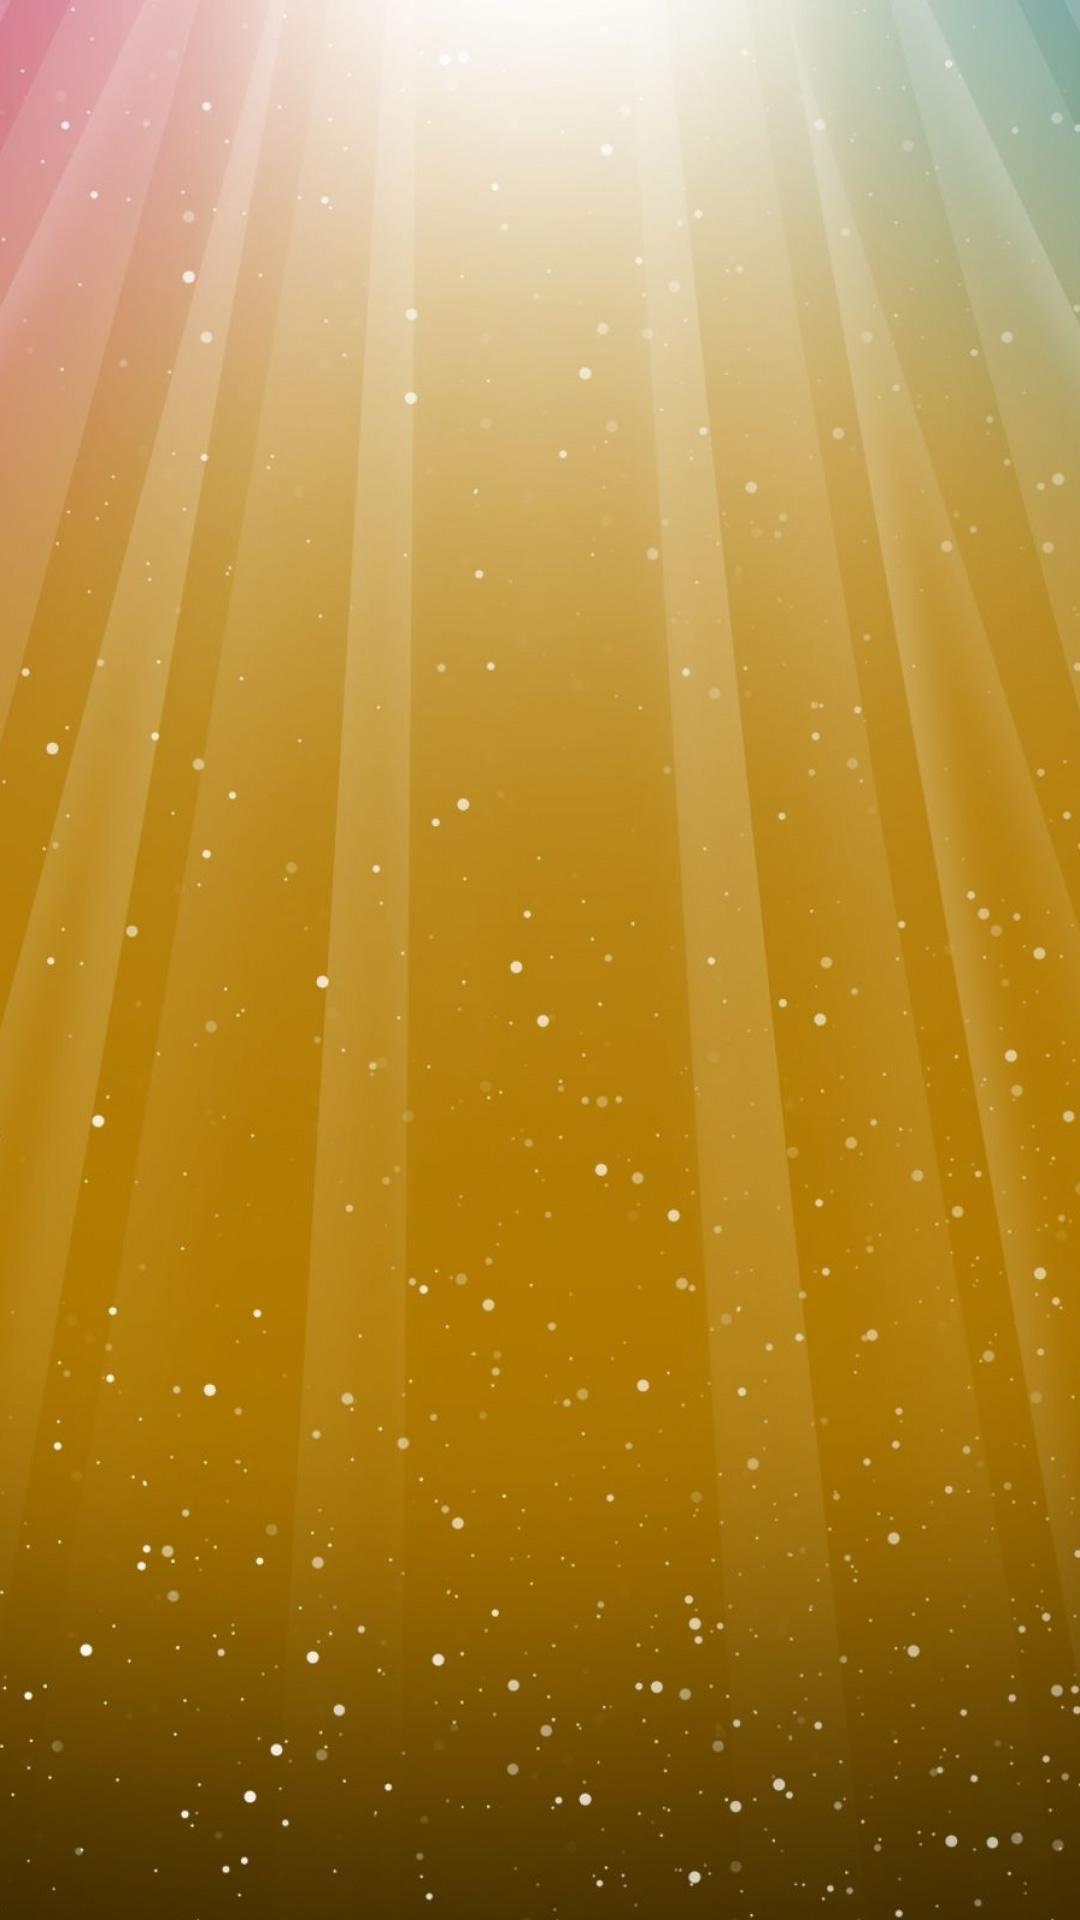 抽象的な色 1080 19 モバイル壁紙 Iphoneチーズ